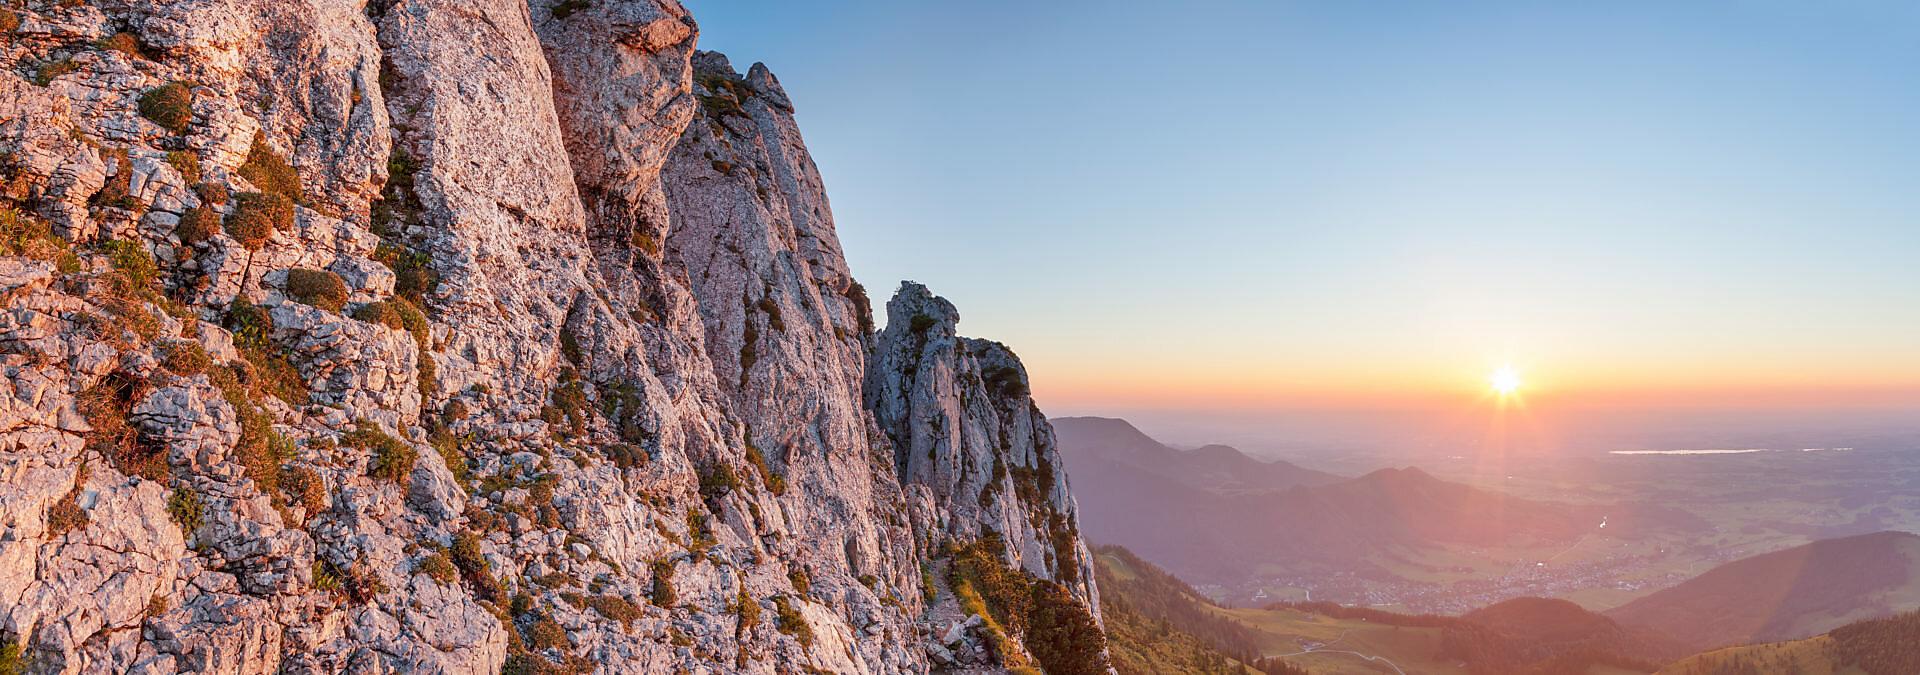 Sonnenuntergang an der Kampenwand (1669 m), bei Aschau, Chiemgauer Alpen, Chiemgau, Oberbayern, Bayern, Süddeutschland, Deutschland, Europa